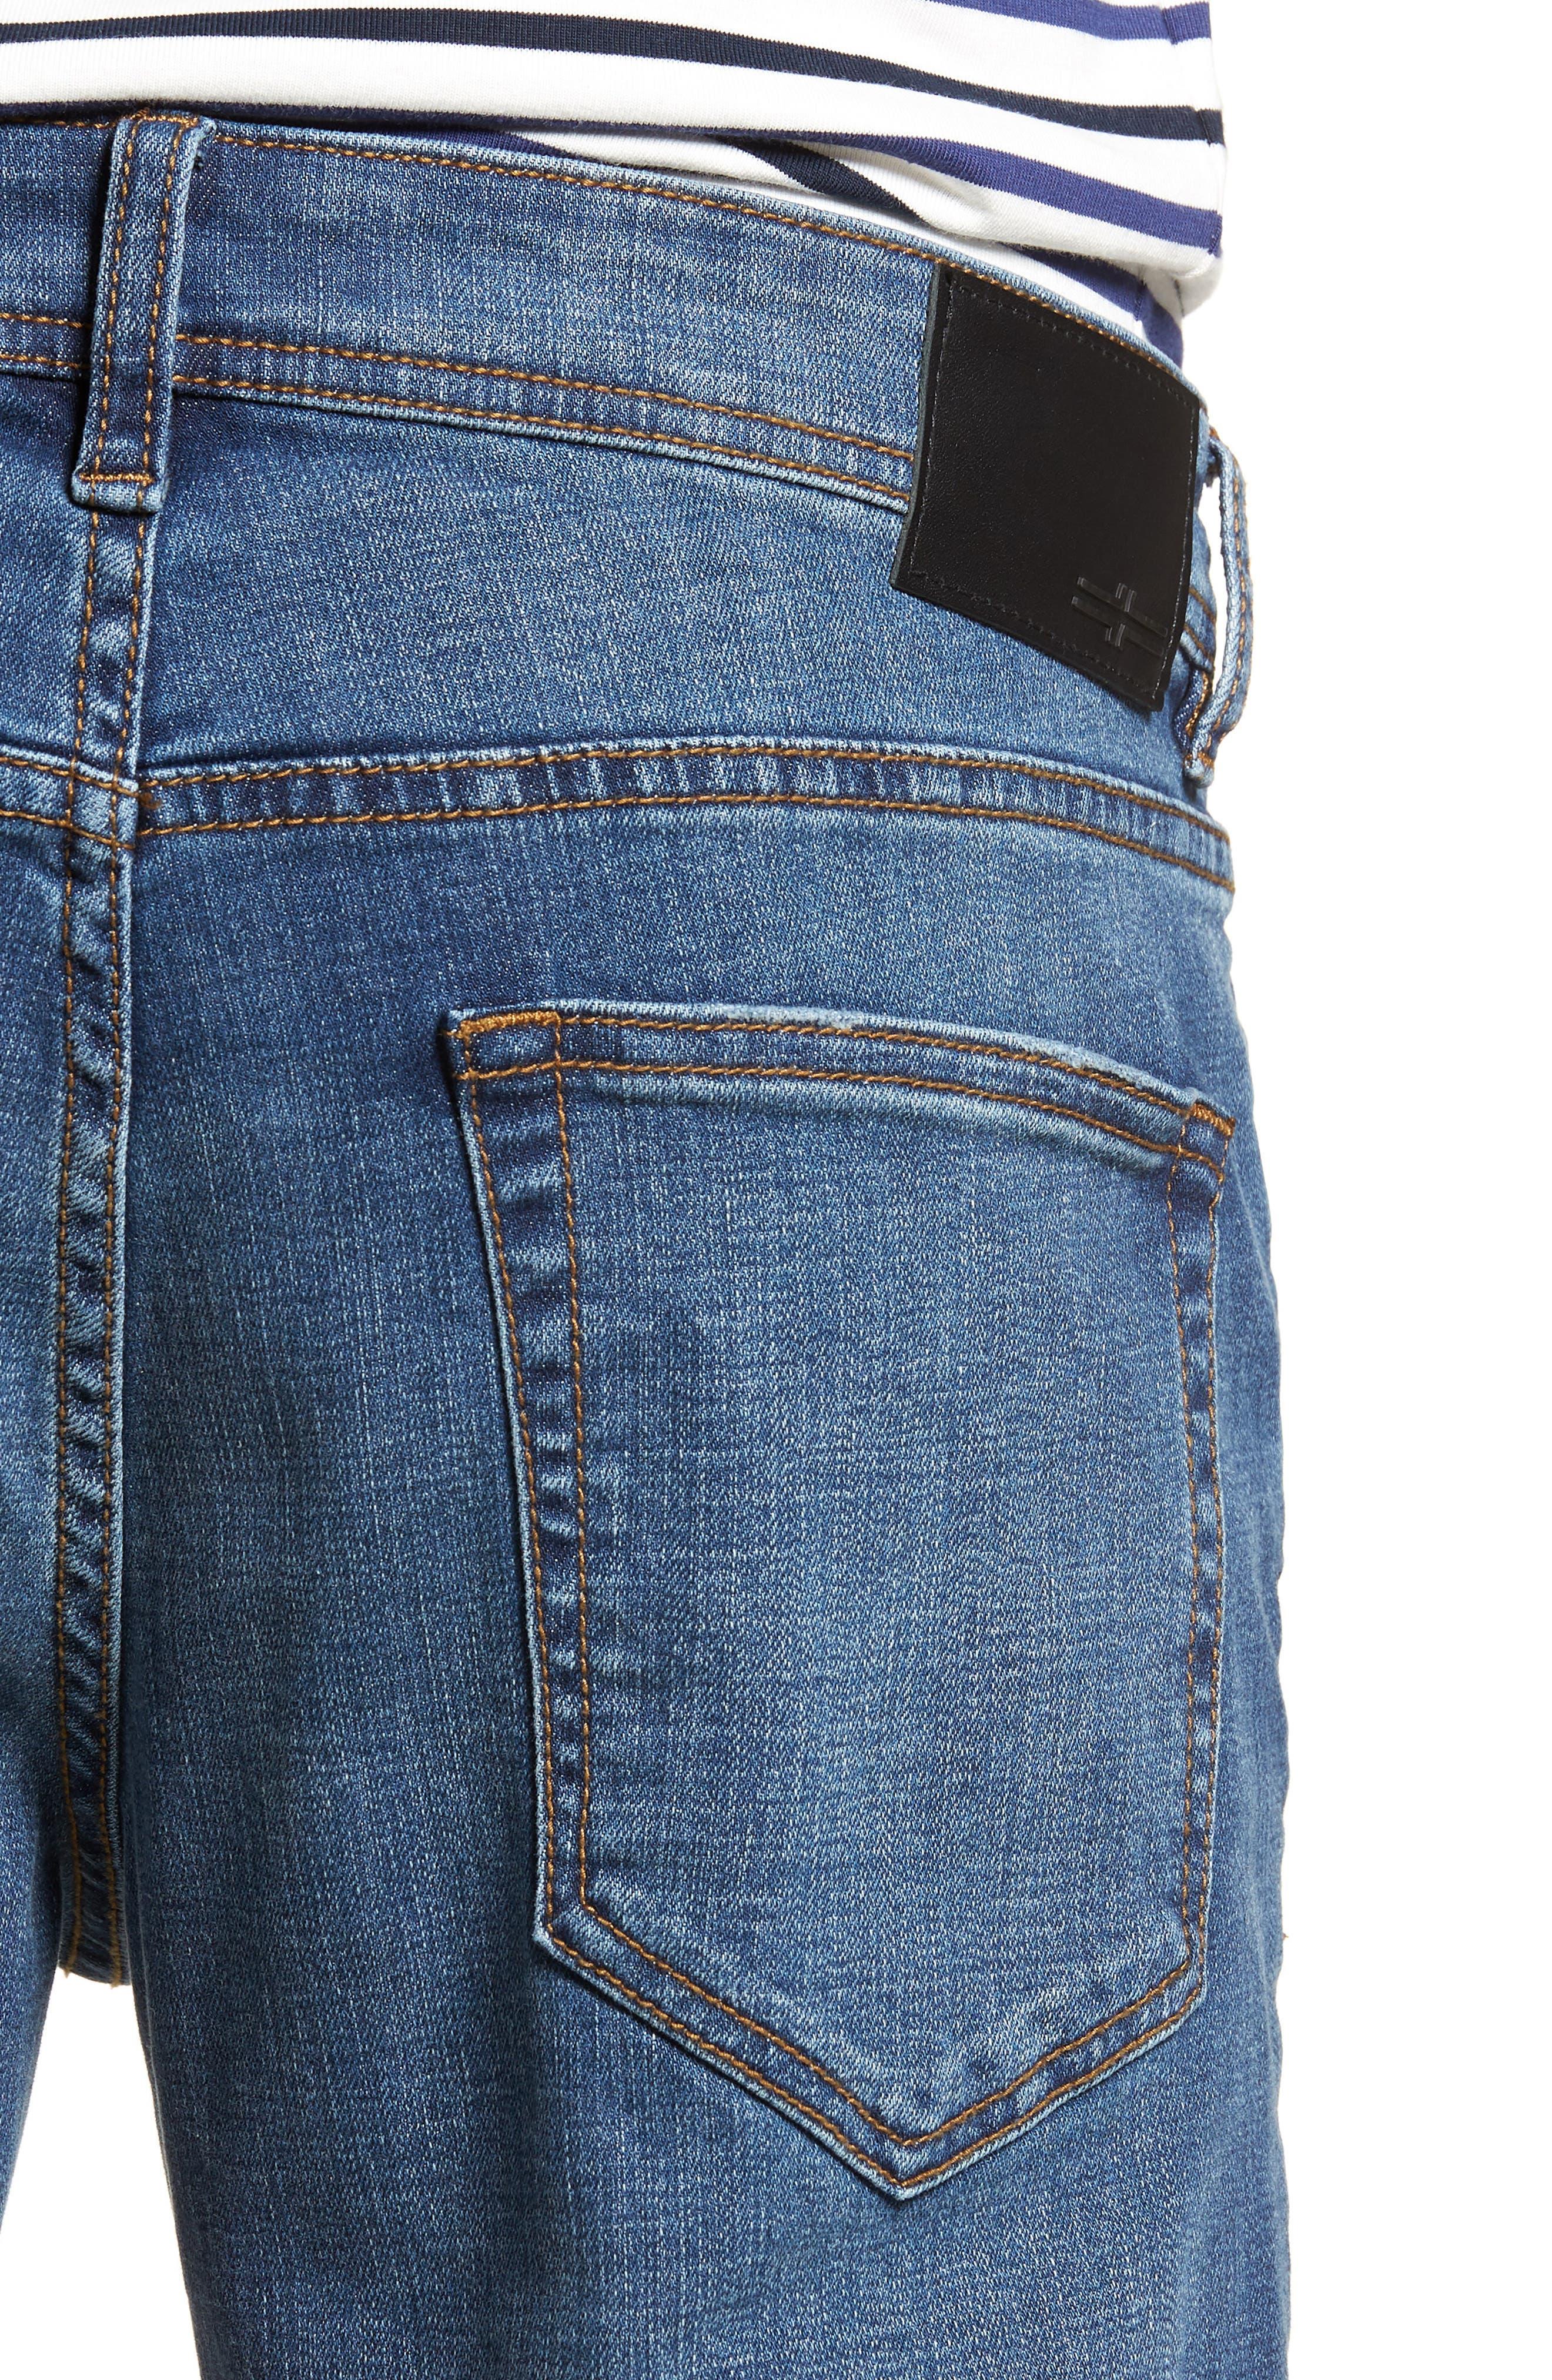 Jeans Co. Kingston Slim Straight Leg Jeans,                             Alternate thumbnail 4, color,                             HIGHLANDER MID